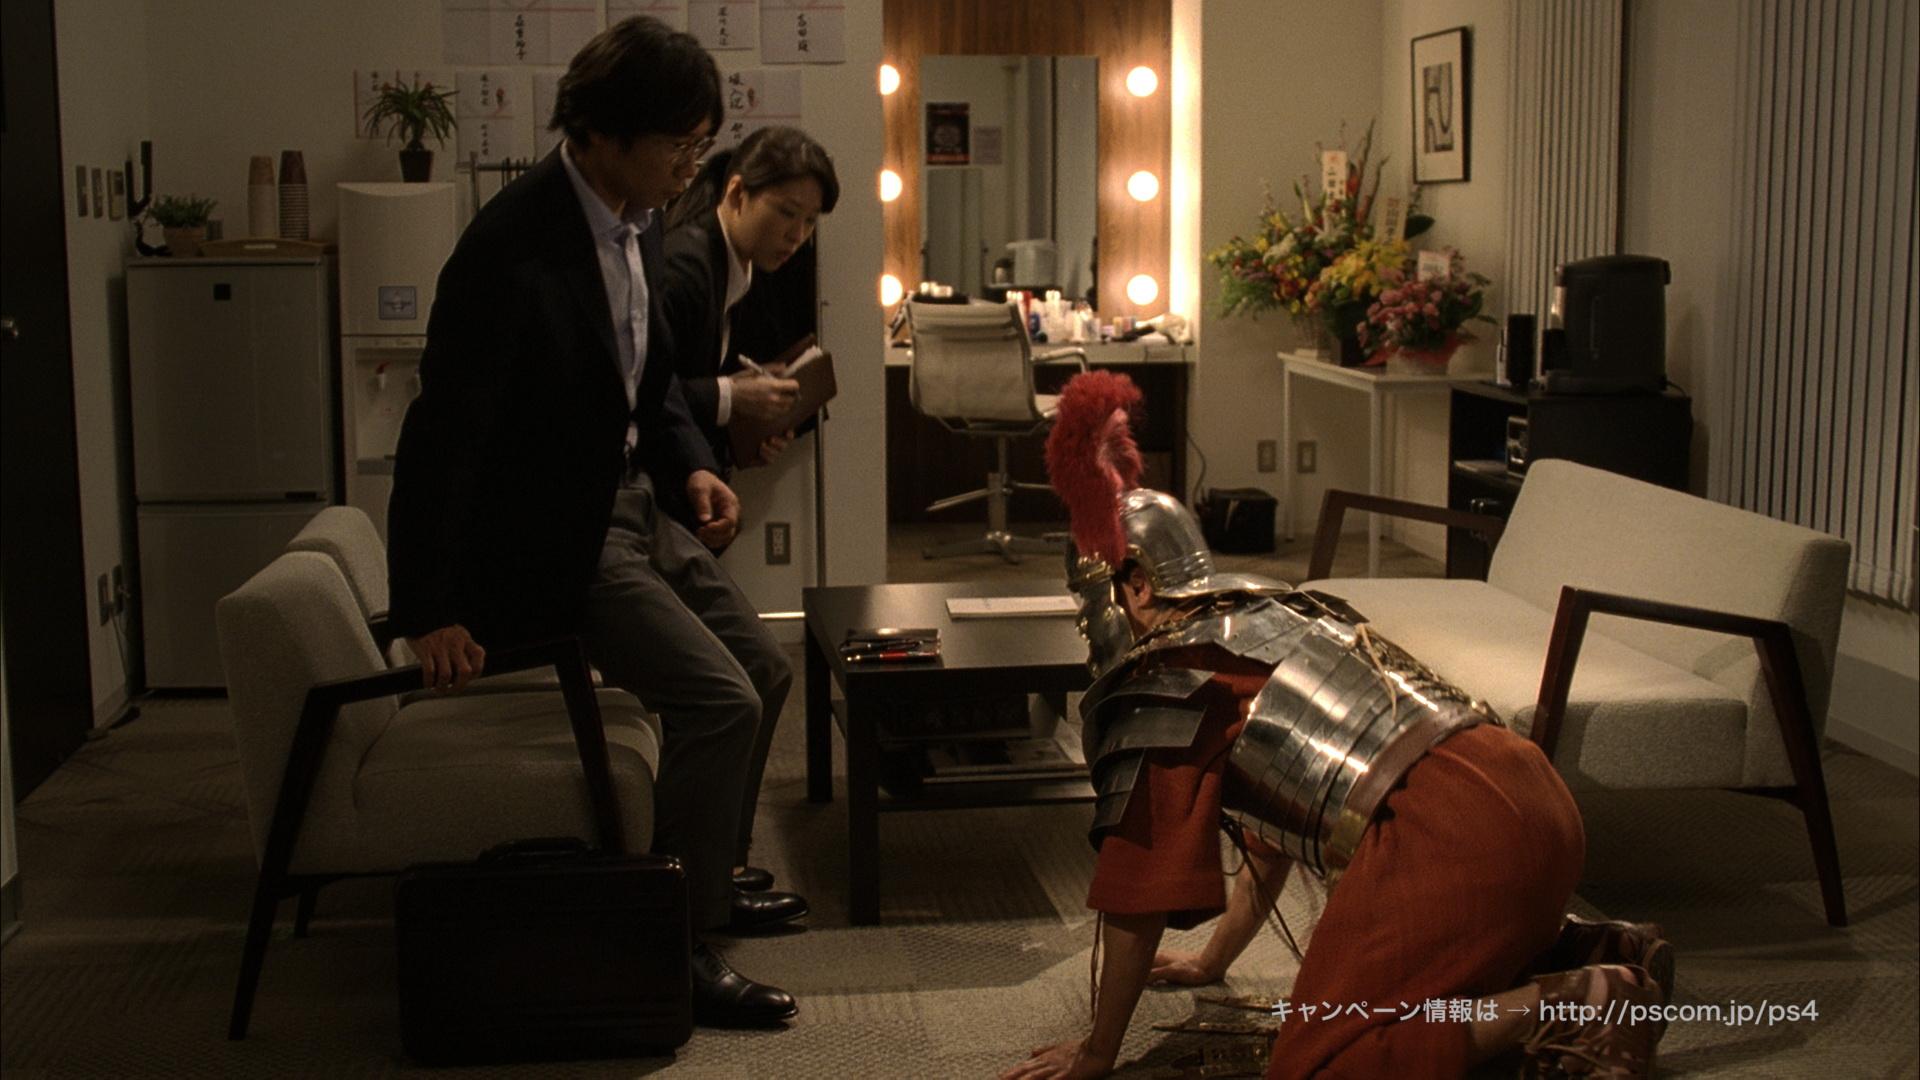 衣装のフィッティング後に事務所のスタッフとスケジュール調整に挑む山田さん。なぜか急にお休みをもらおうとする山田さんの最後の手段は?